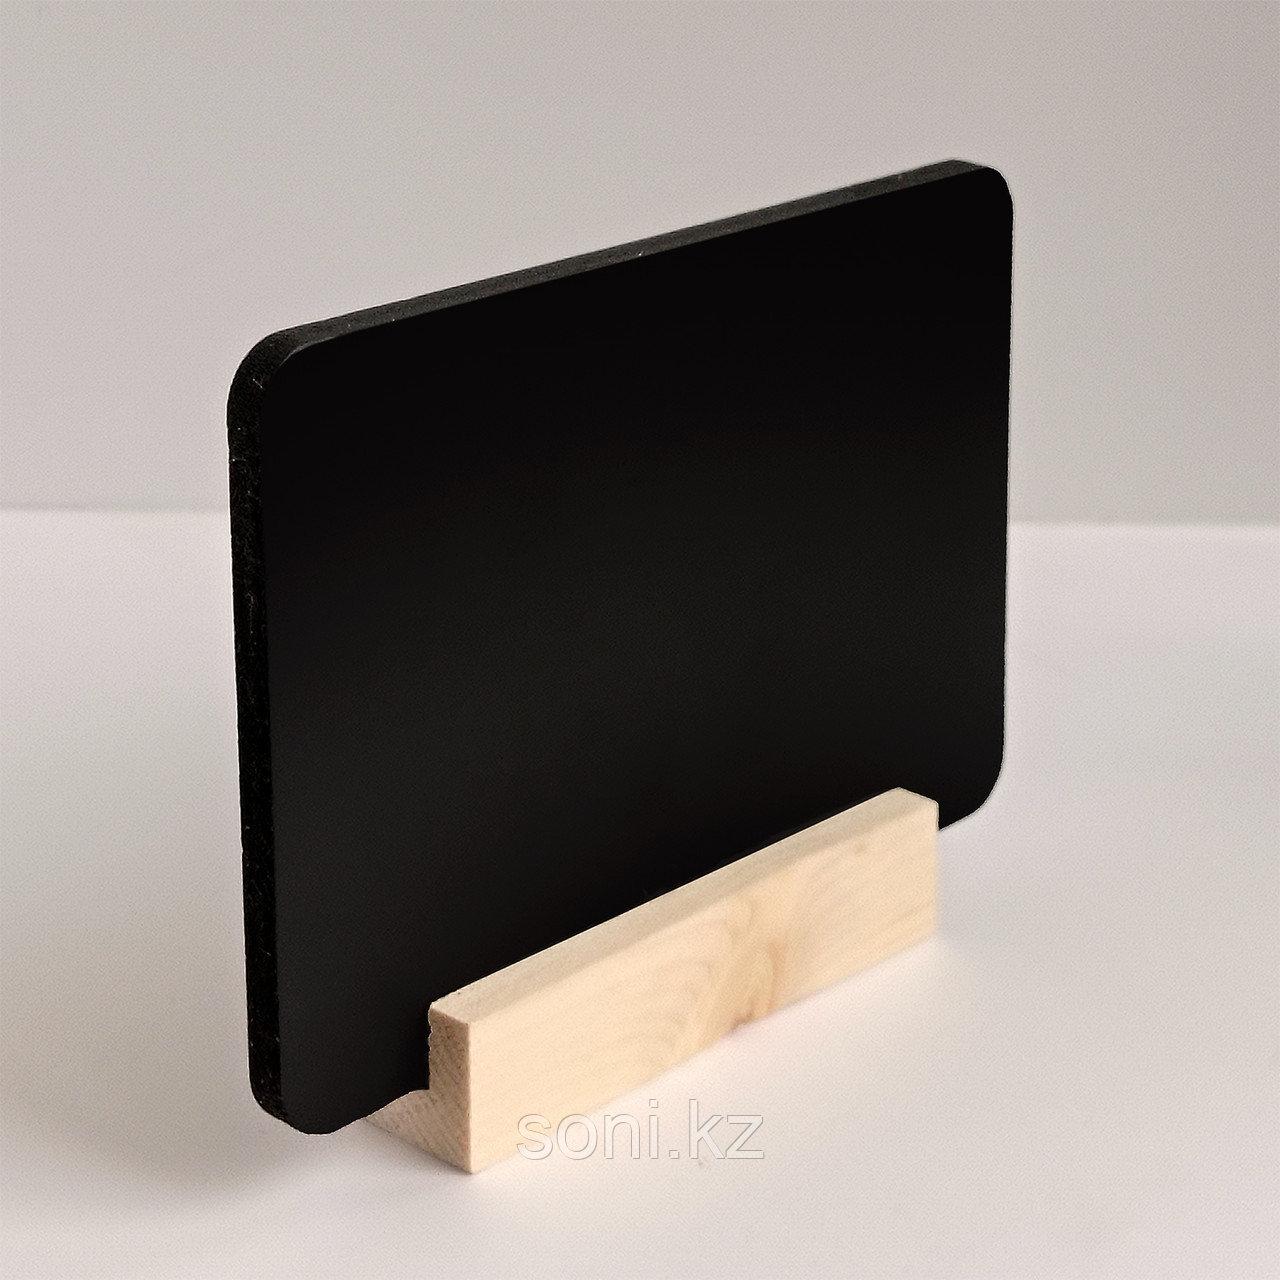 Ценник меловый 90х130мм, на деревянной подставке